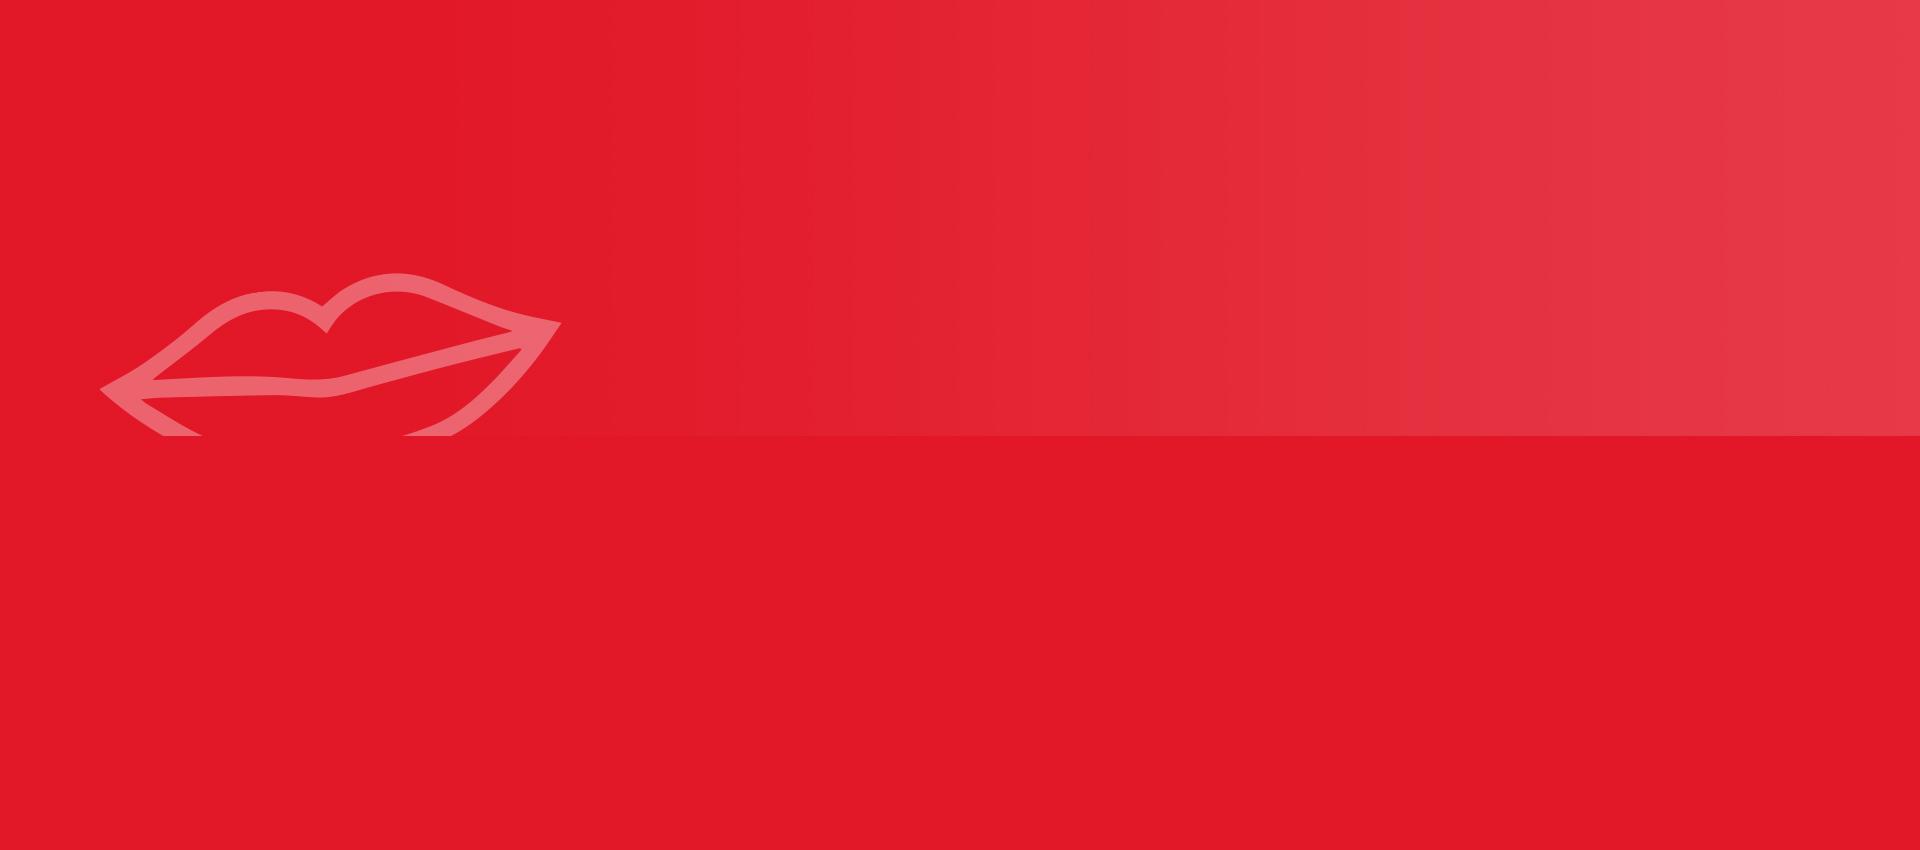 Roter farblicher Hintergrund - ungeschminkt